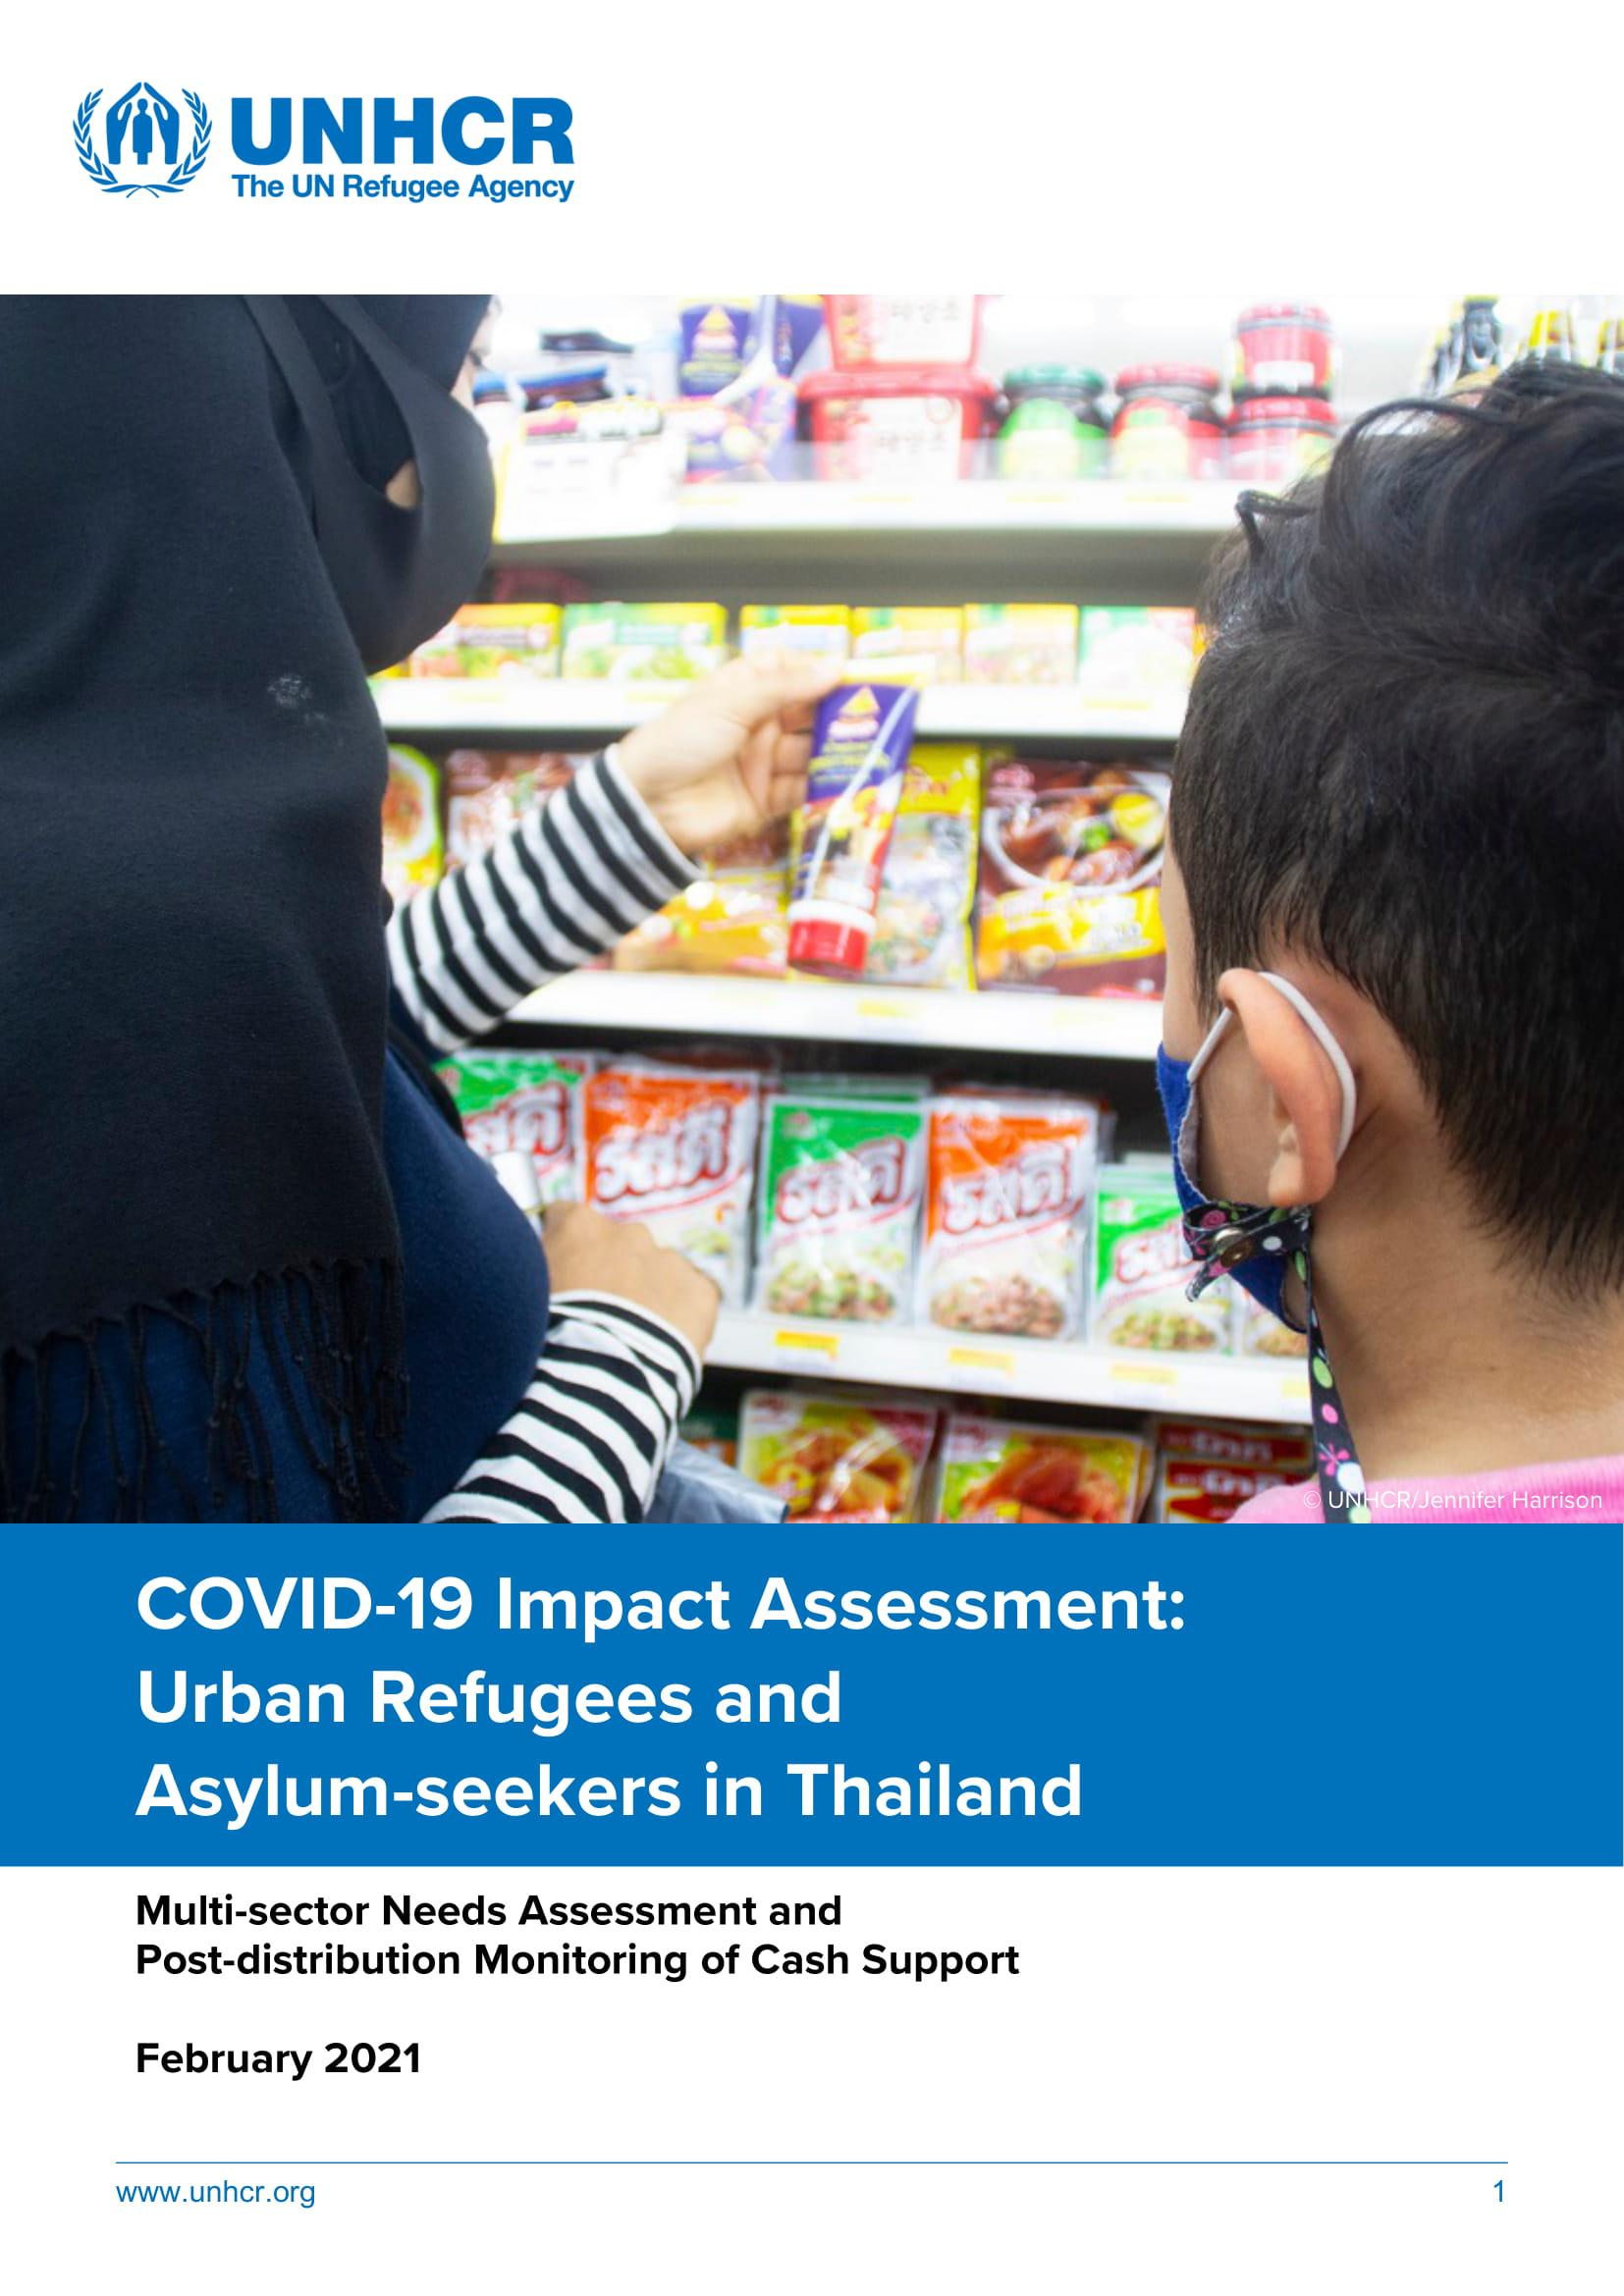 การประเมินผลกระทบจากโควิด 19 : ผู้ลี้ภัยในเมืองและผู้ขอลี้ภัยในประเทศไทย